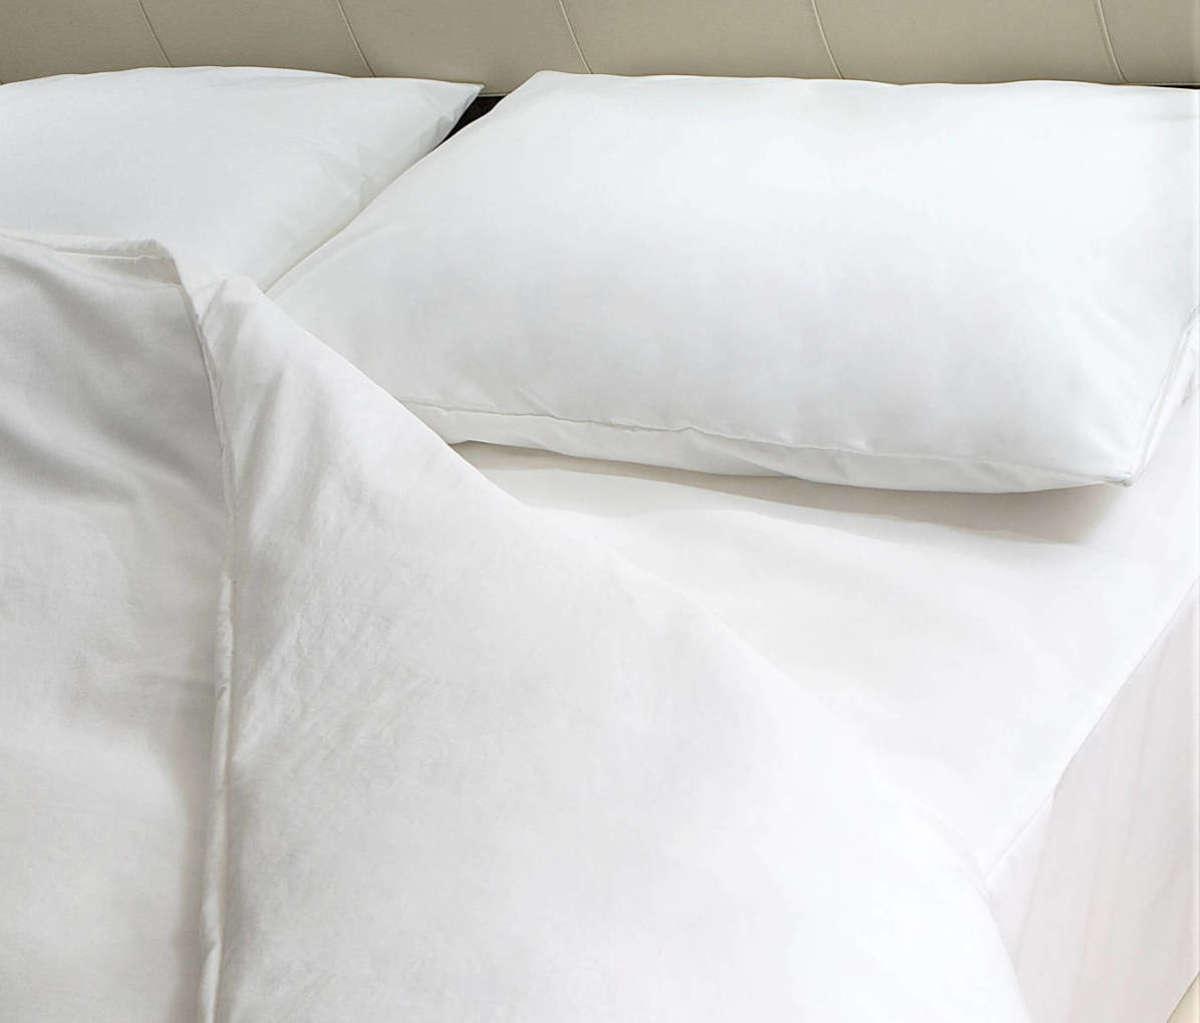 Coperture antiacaro da letto Microair Pristine Zero di Alpretec